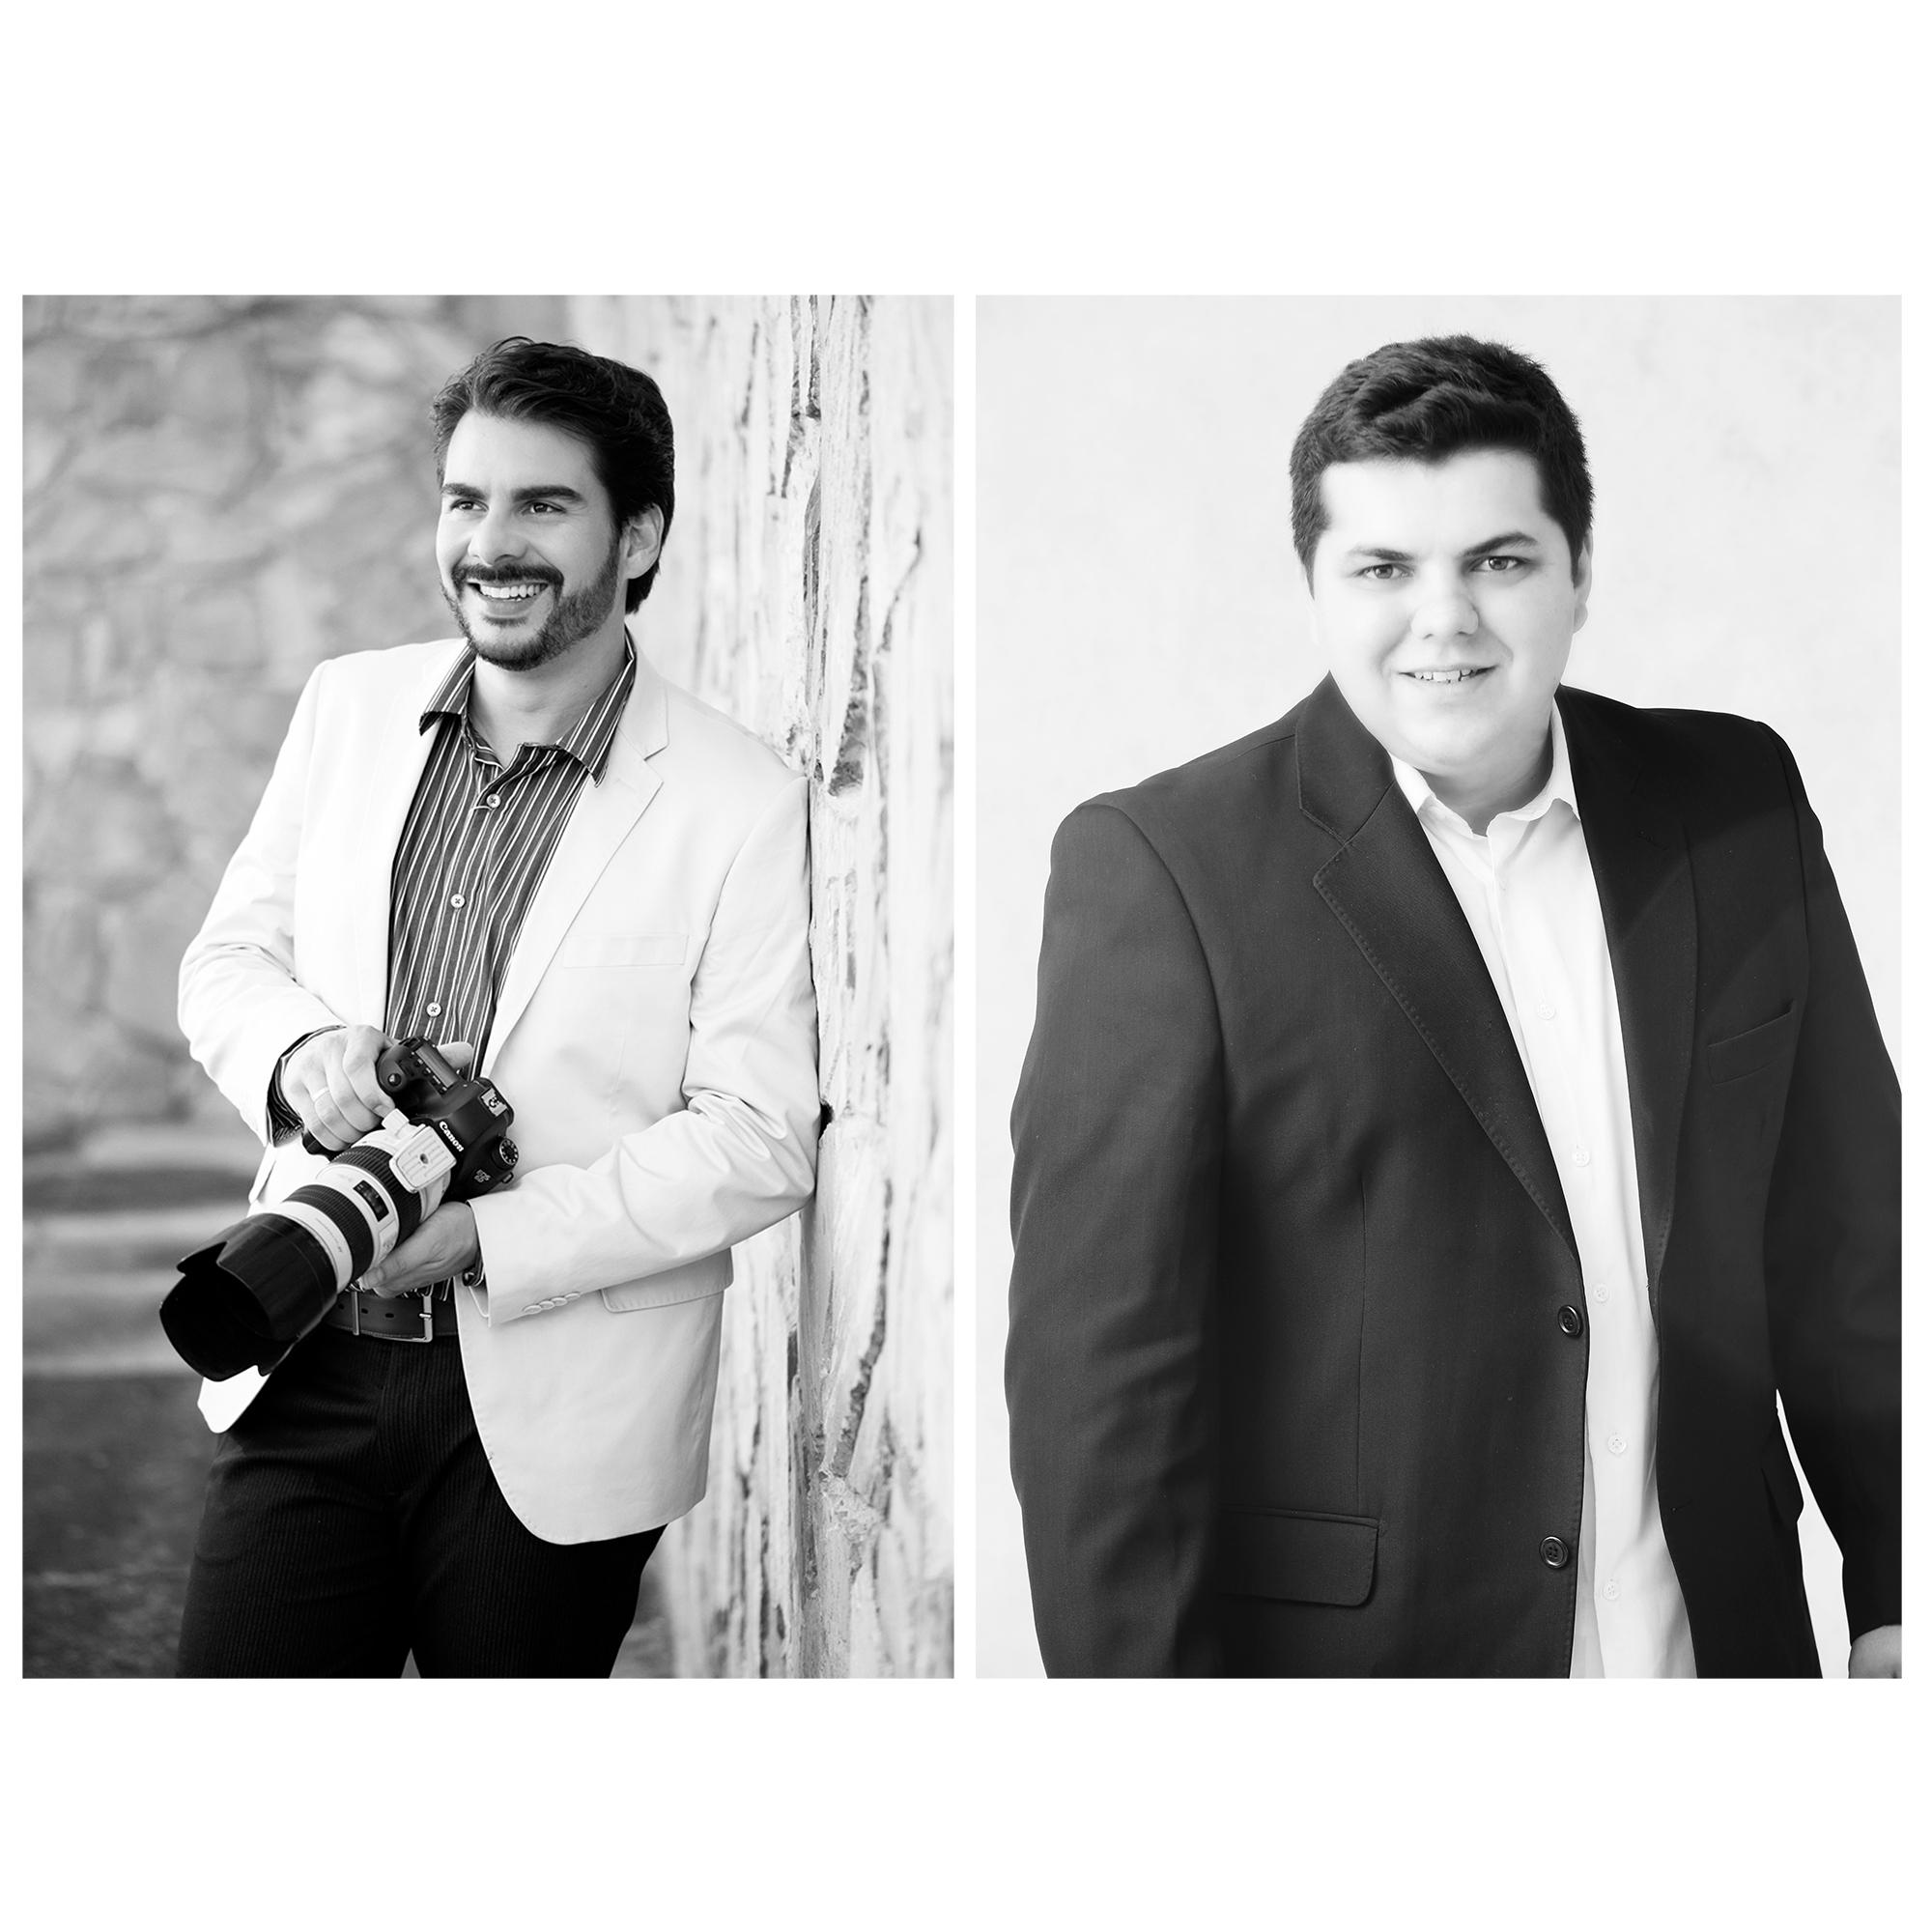 Sobre Studio S Fotografia - Fotógrafos de casamento e ensaios Uberlândia e Araxá - MG